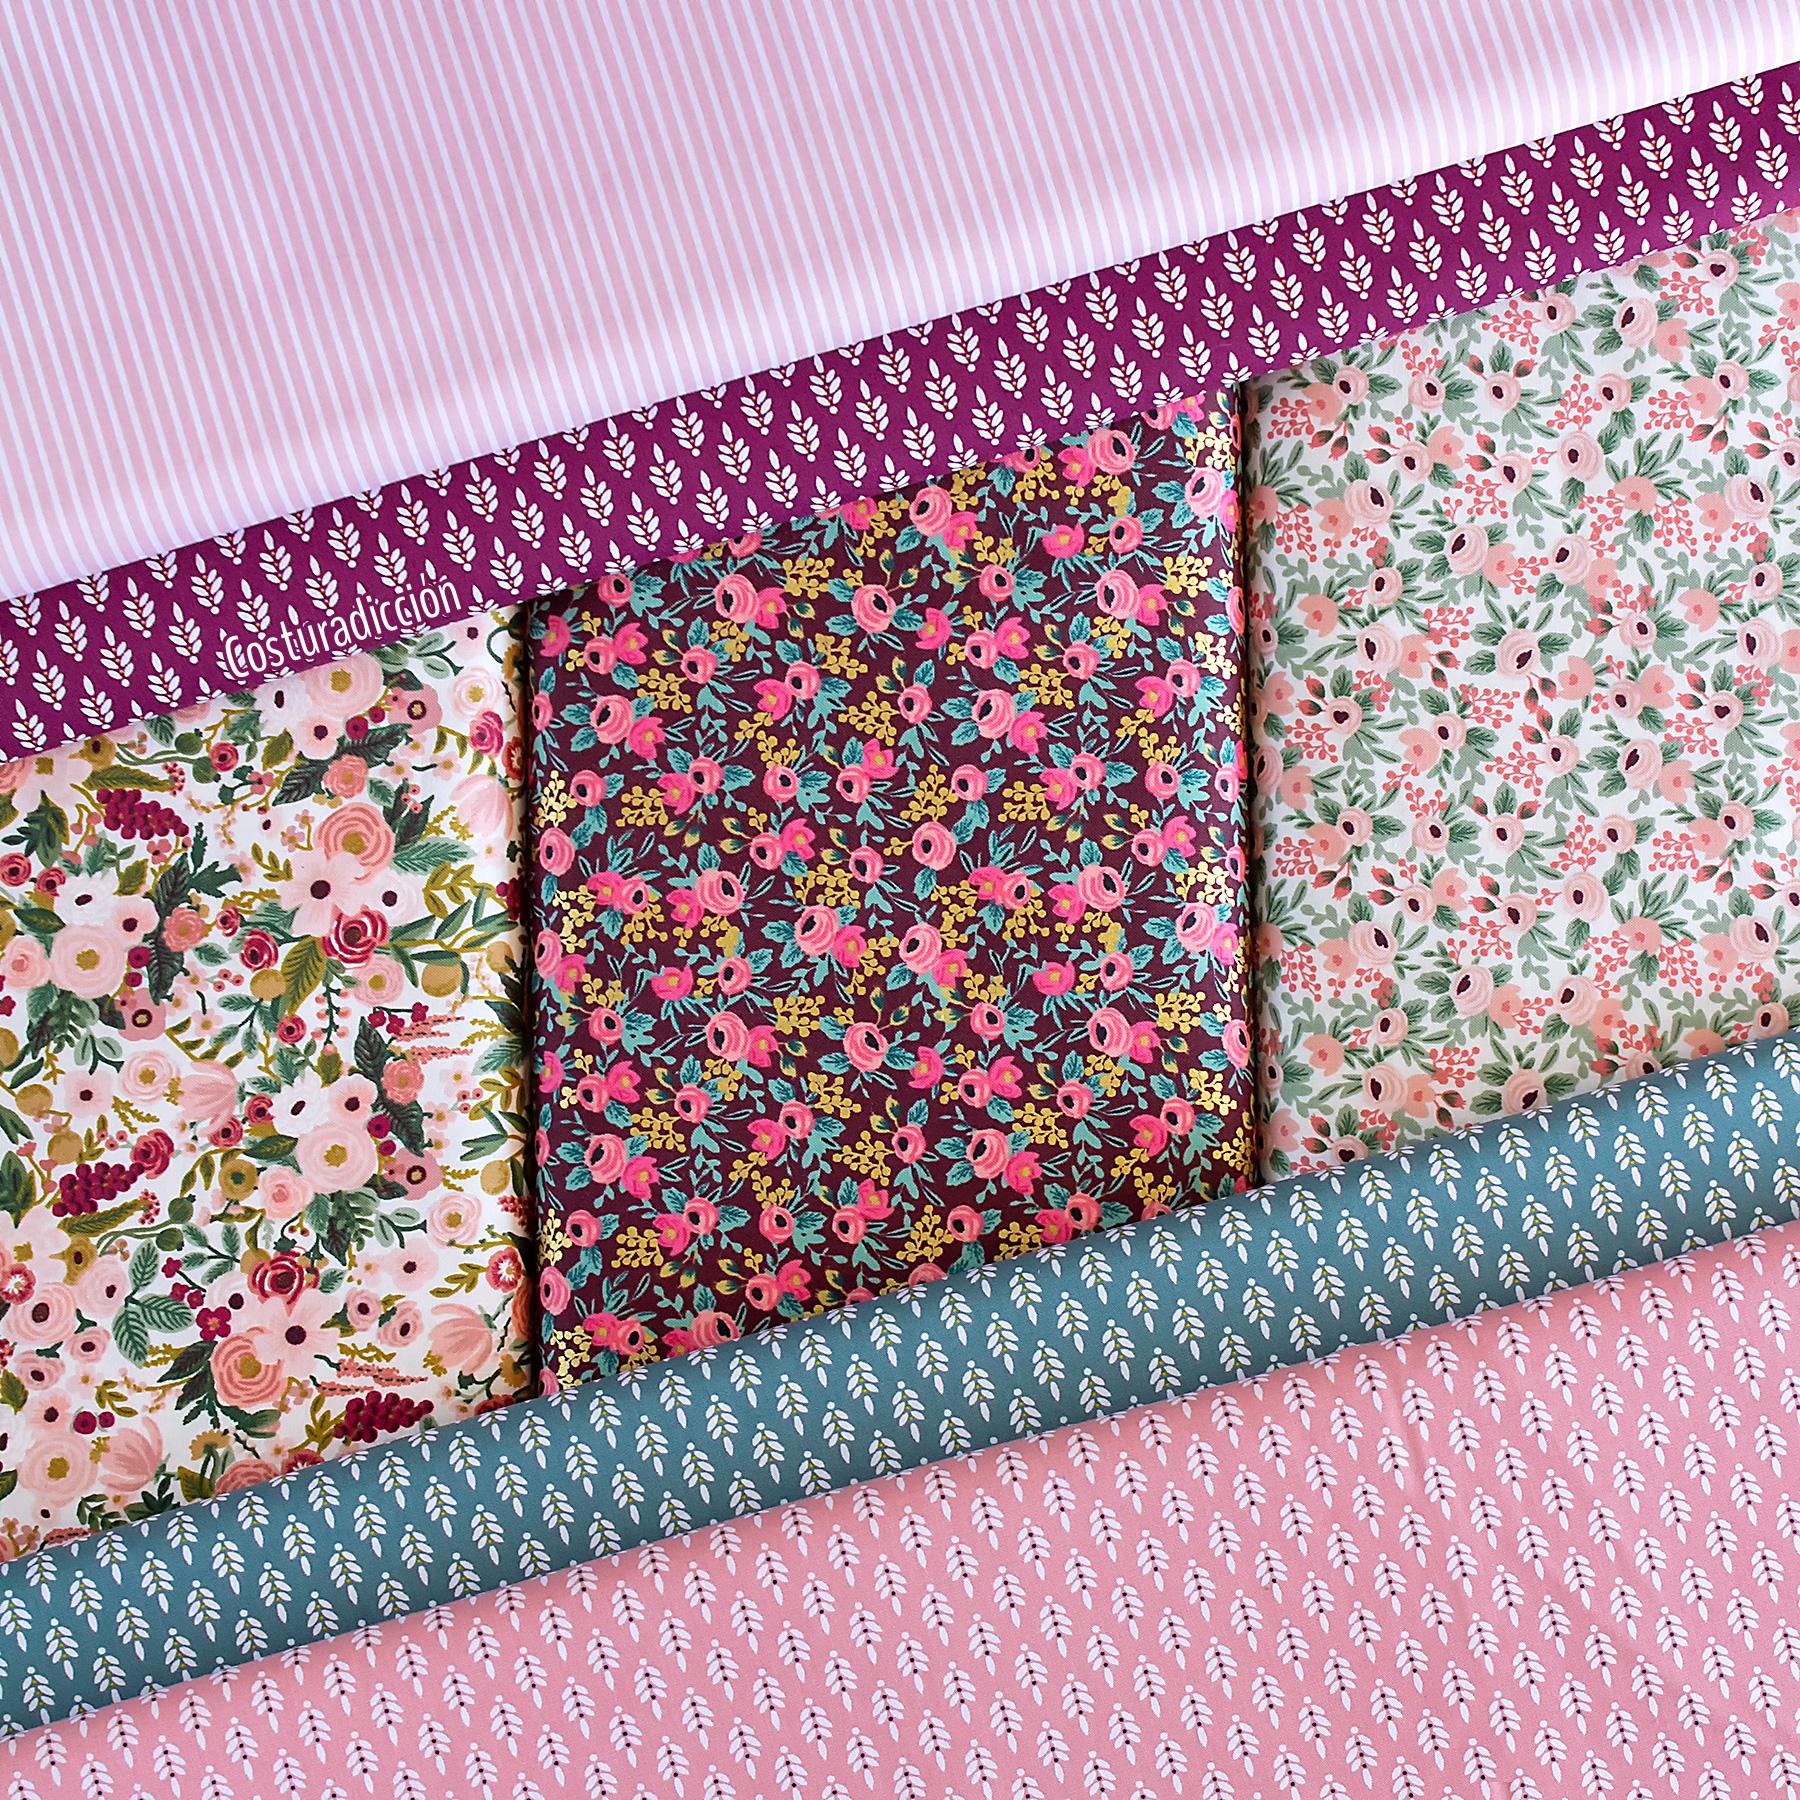 Imagen de producto: https://tienda.costuradiccion.com/img/articulos/secundarias14542-tela-rifle-paper-garden-party-rosa-con-metalizado-algodon-algodon-50-x-55-cm-6.jpg